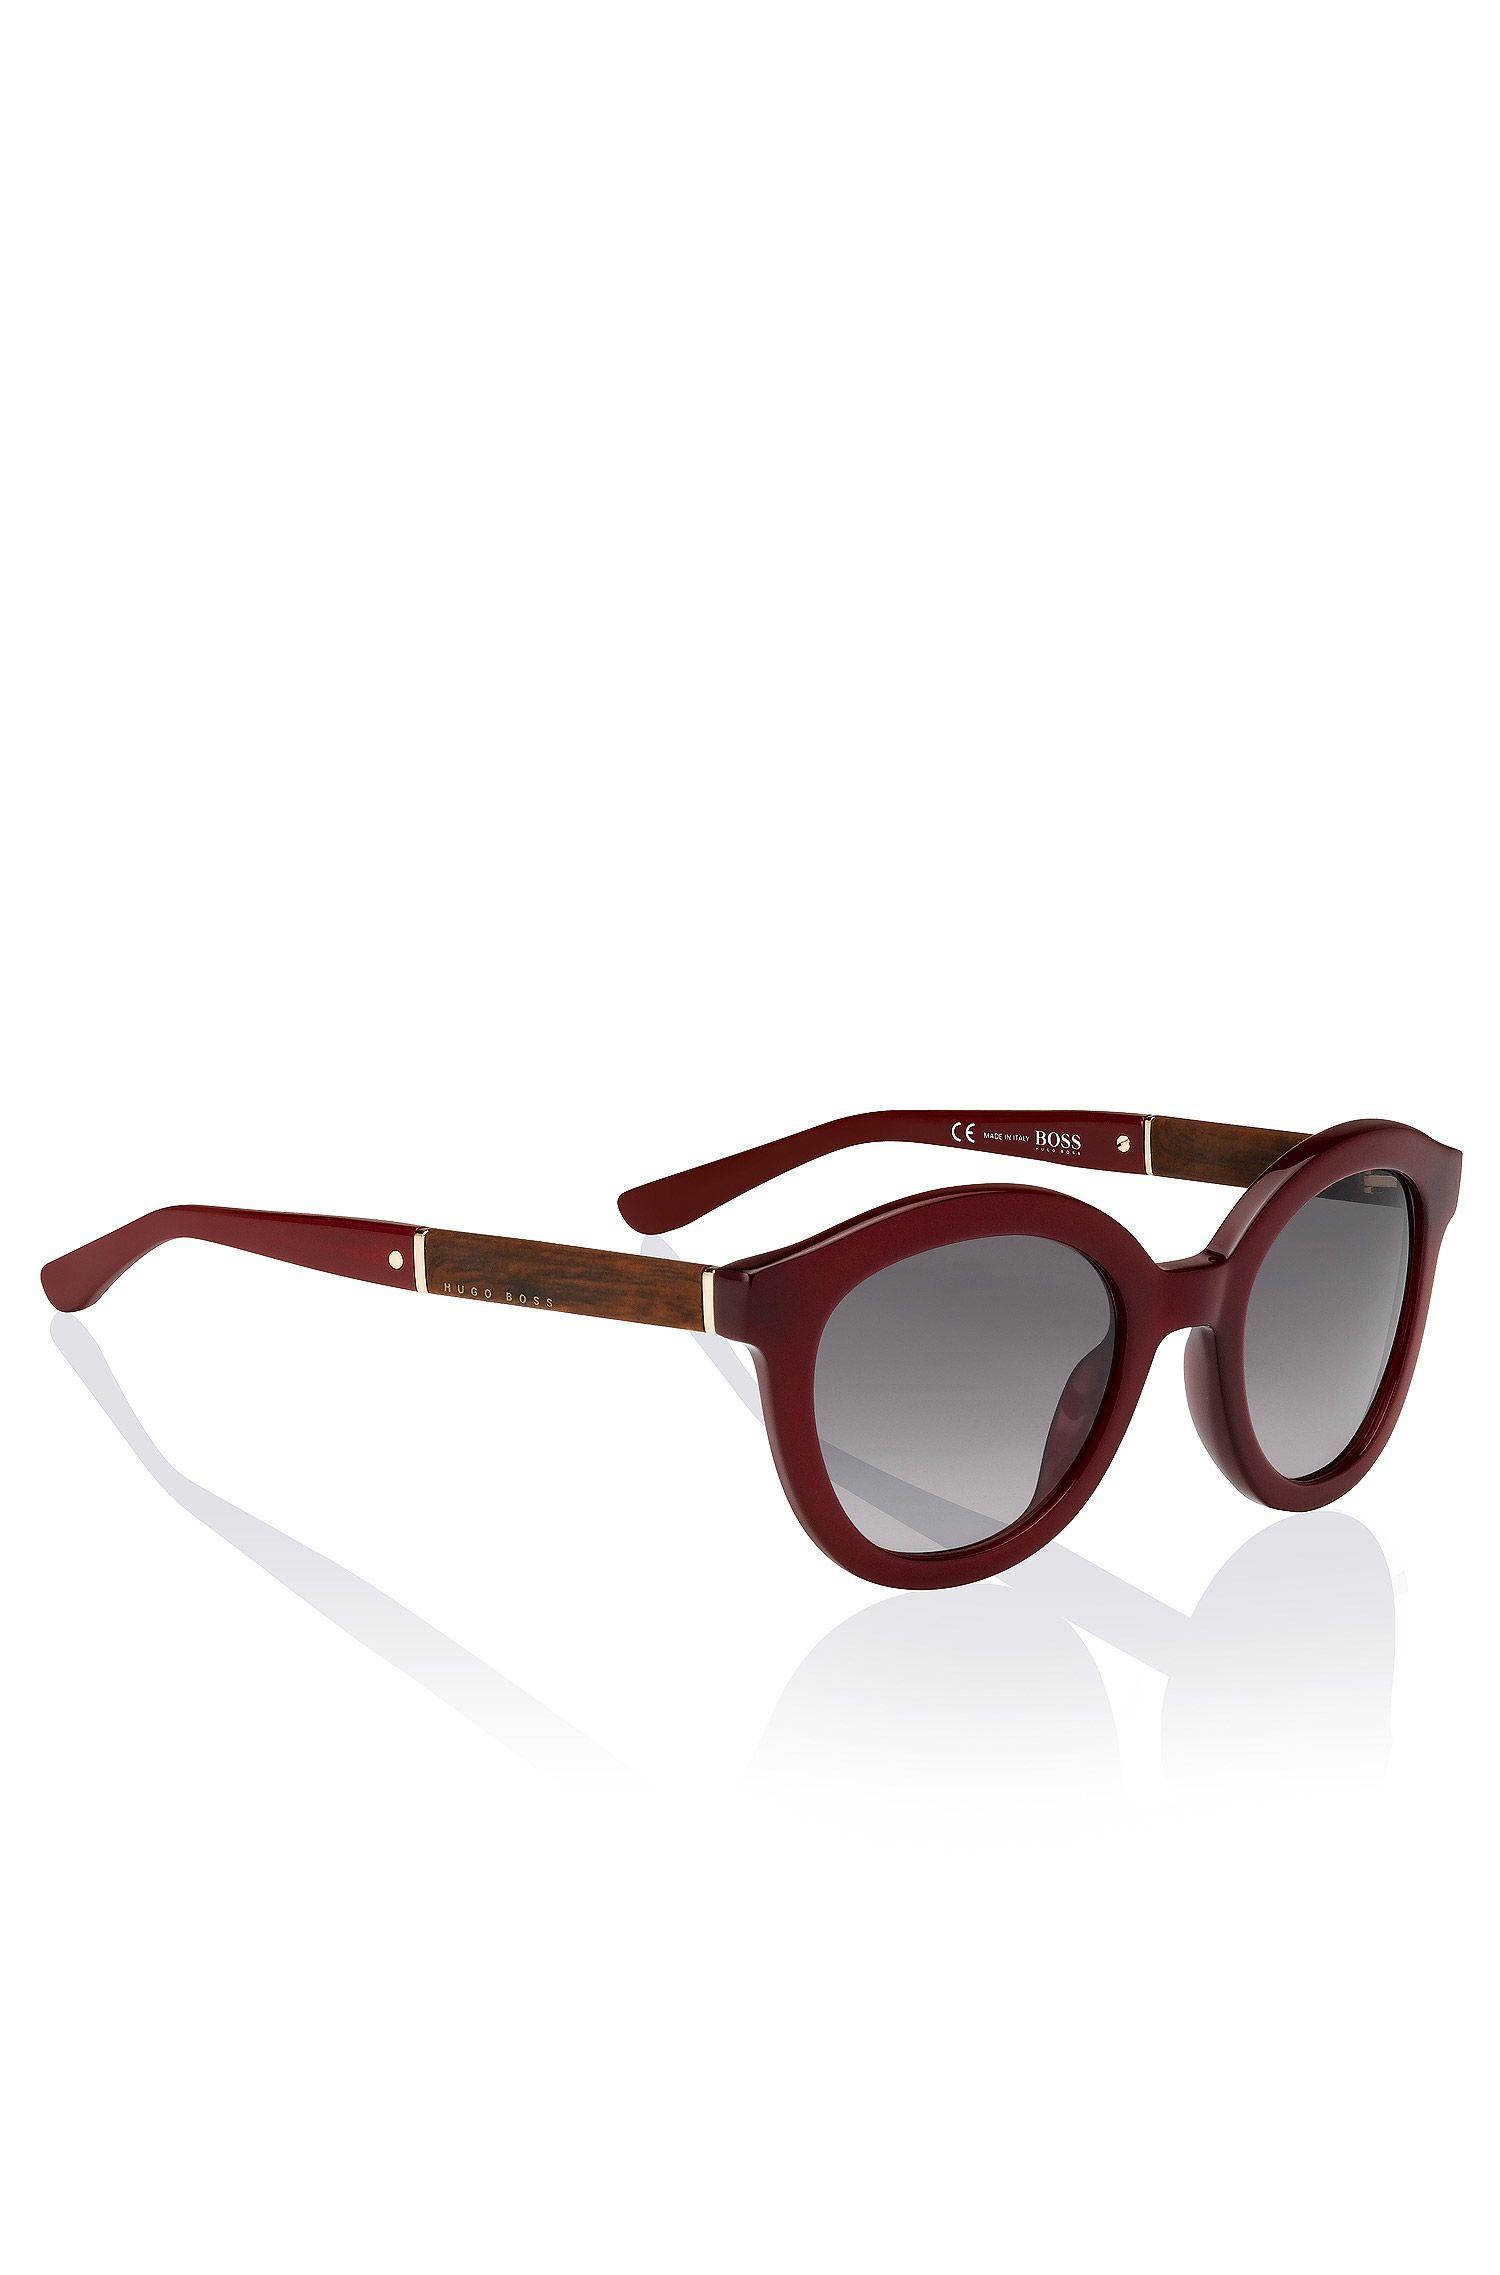 Sonnenbrille ´BOSS 0662/S` aus Acetat